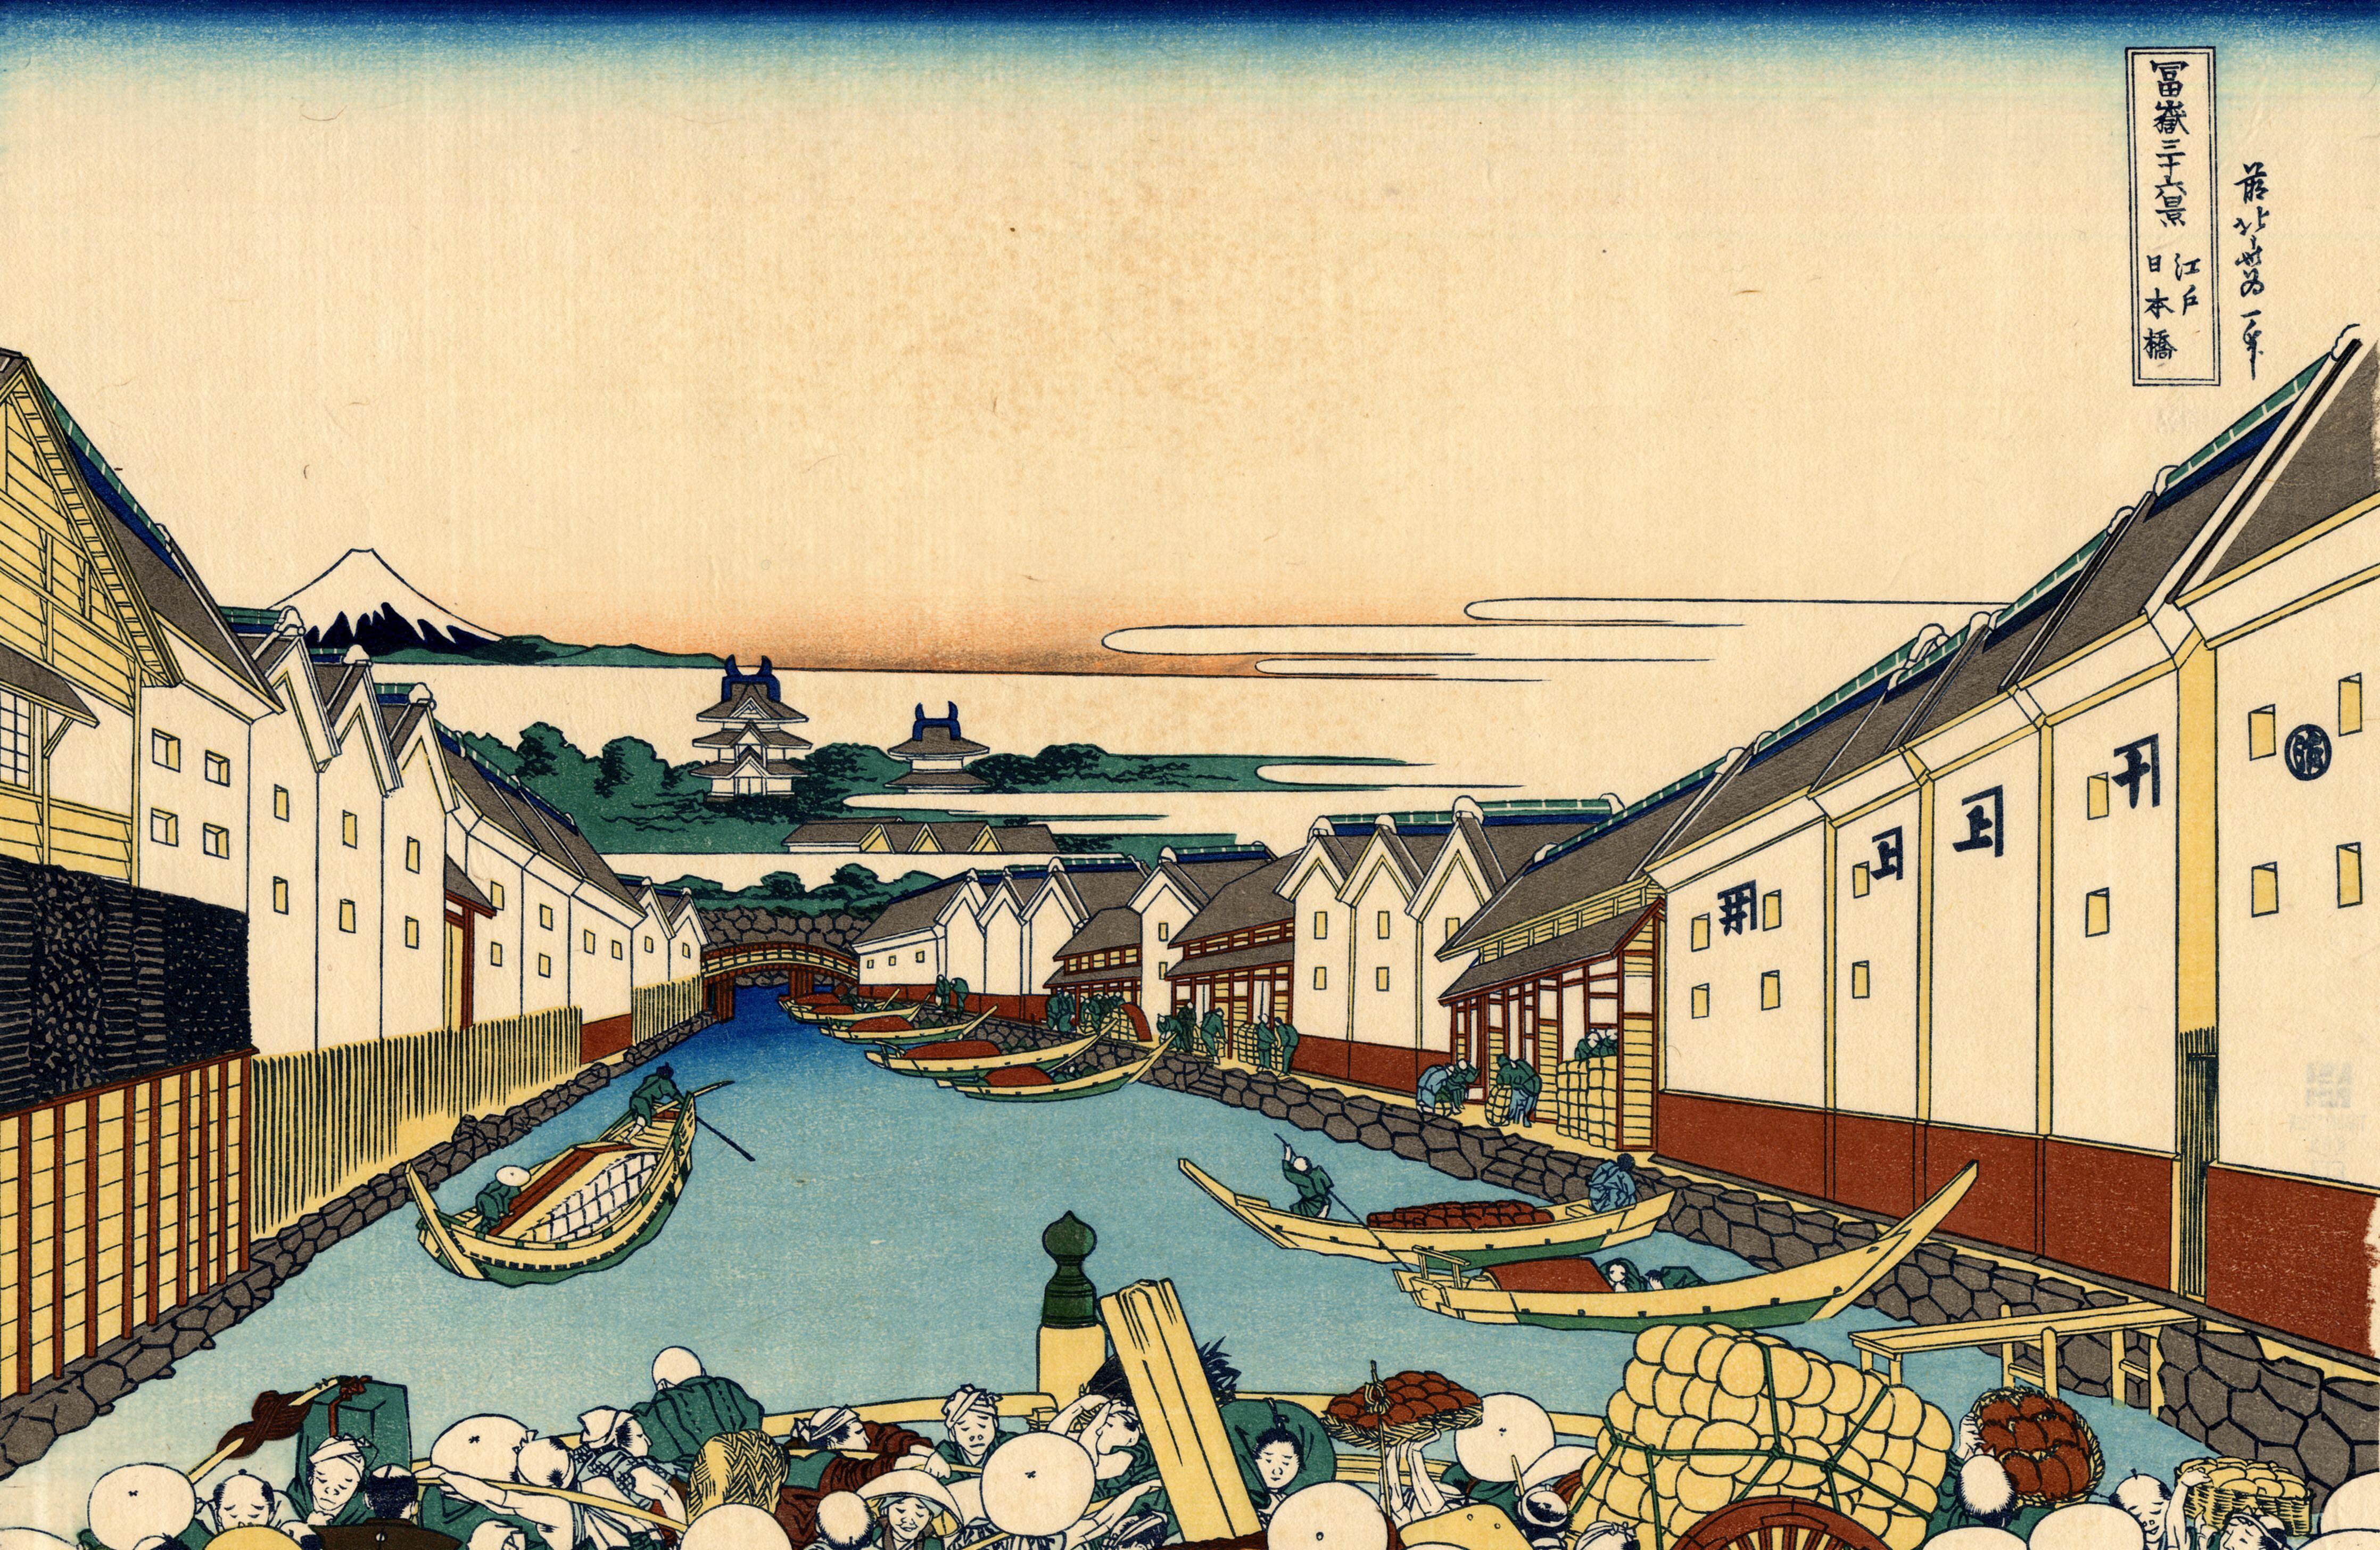 絵画:葛飾北斎の日本橋の浮世絵